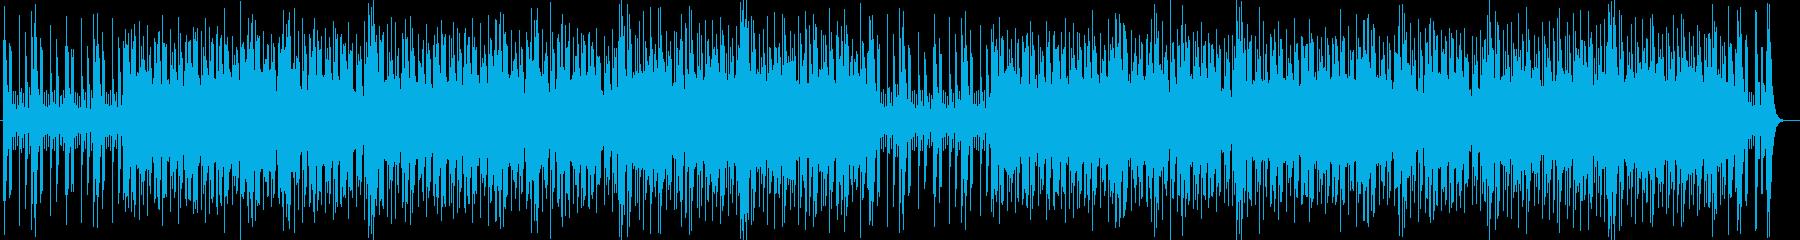 爽やか、わくわく感のシンセポップ曲の再生済みの波形